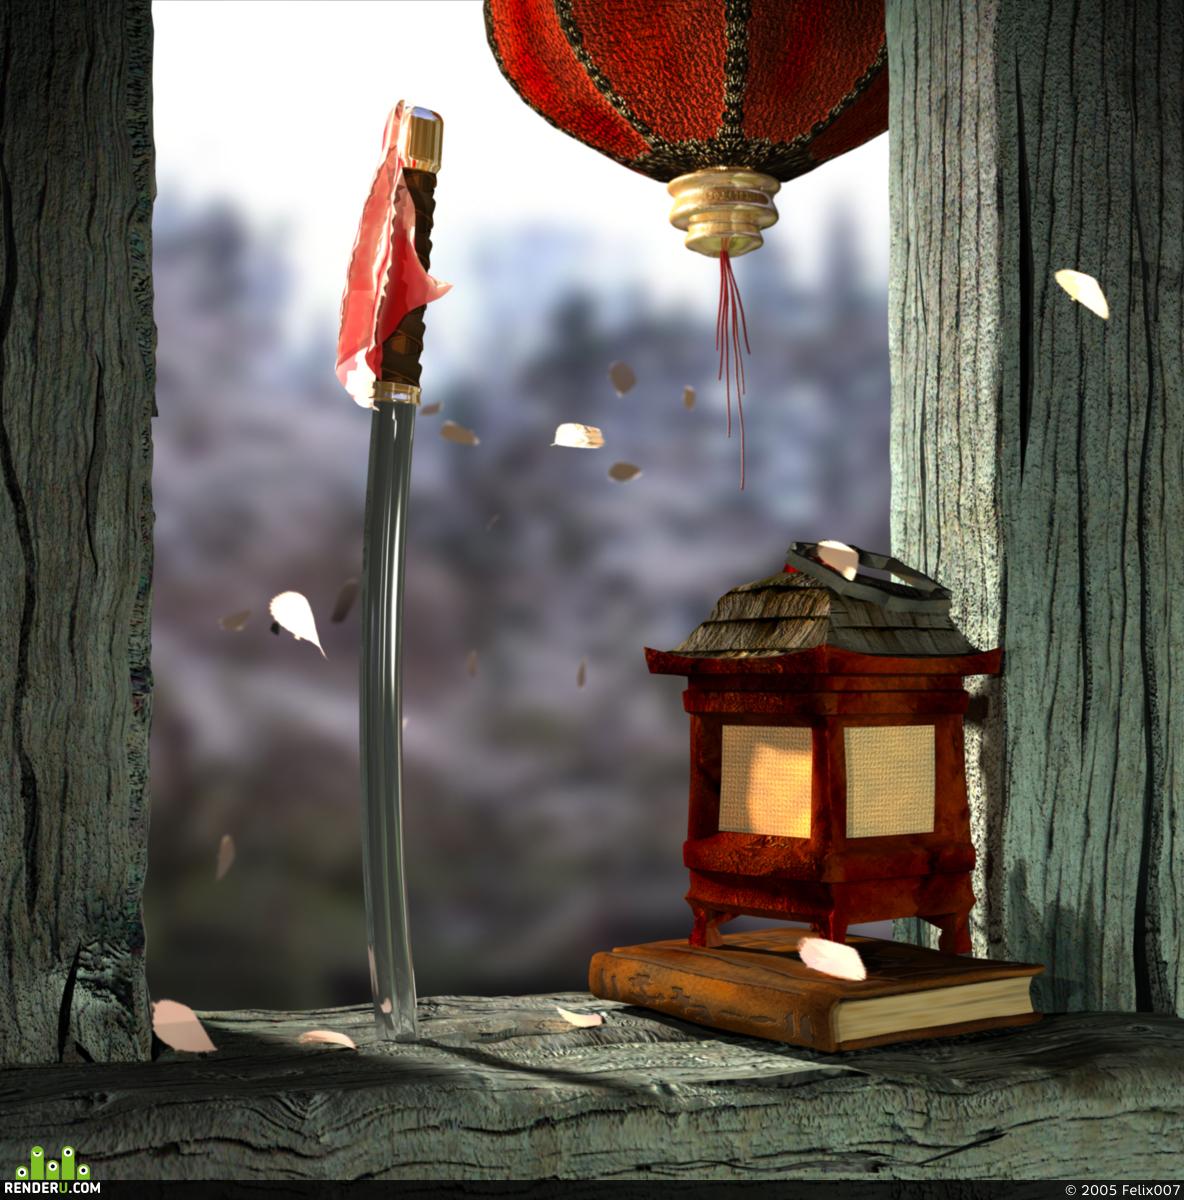 preview тоска одинокого самурая скрашенная весенним солнцем и сакурой